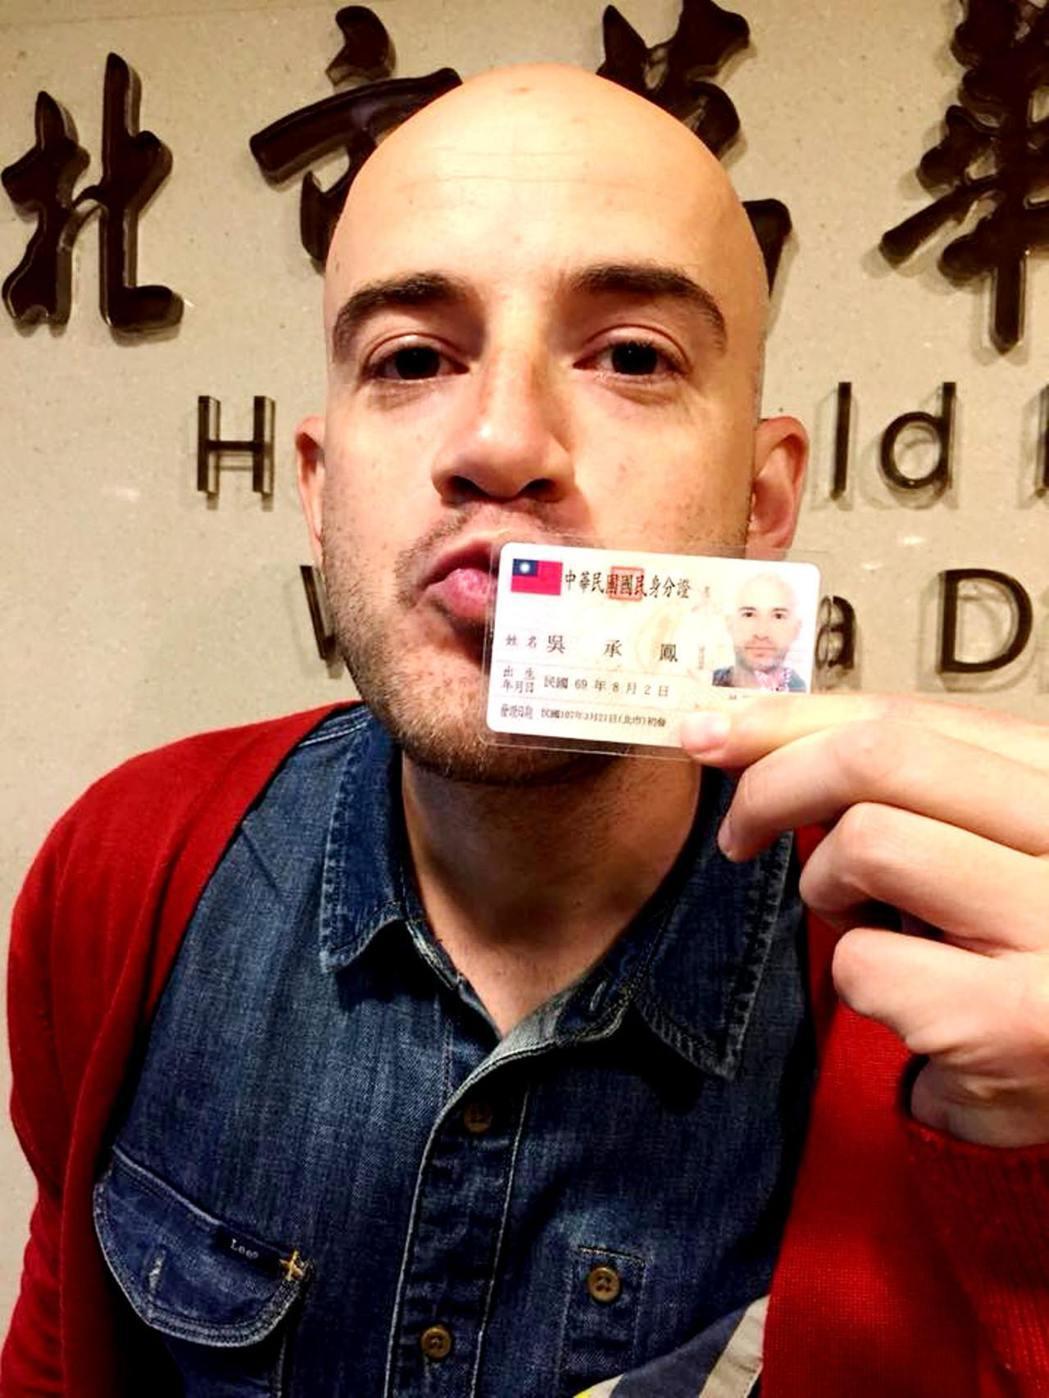 吳鳳開心領到台灣身分證。圖/三立提供